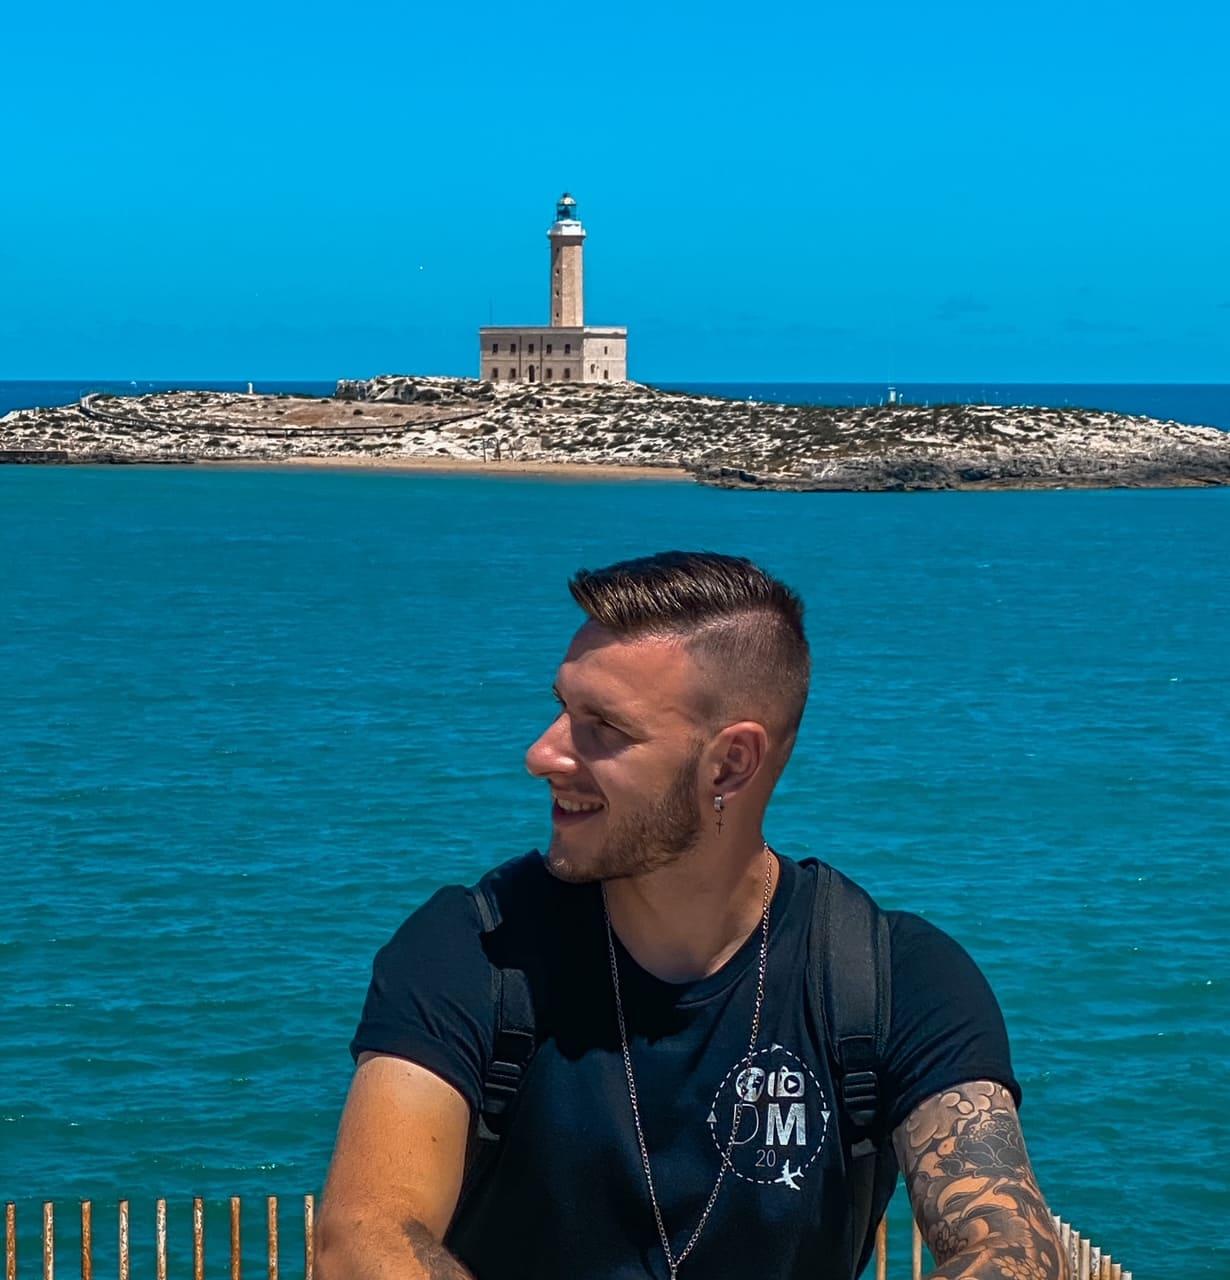 Ragazzo sorride guardando la vista panoramica sul faro e mare di Vieste